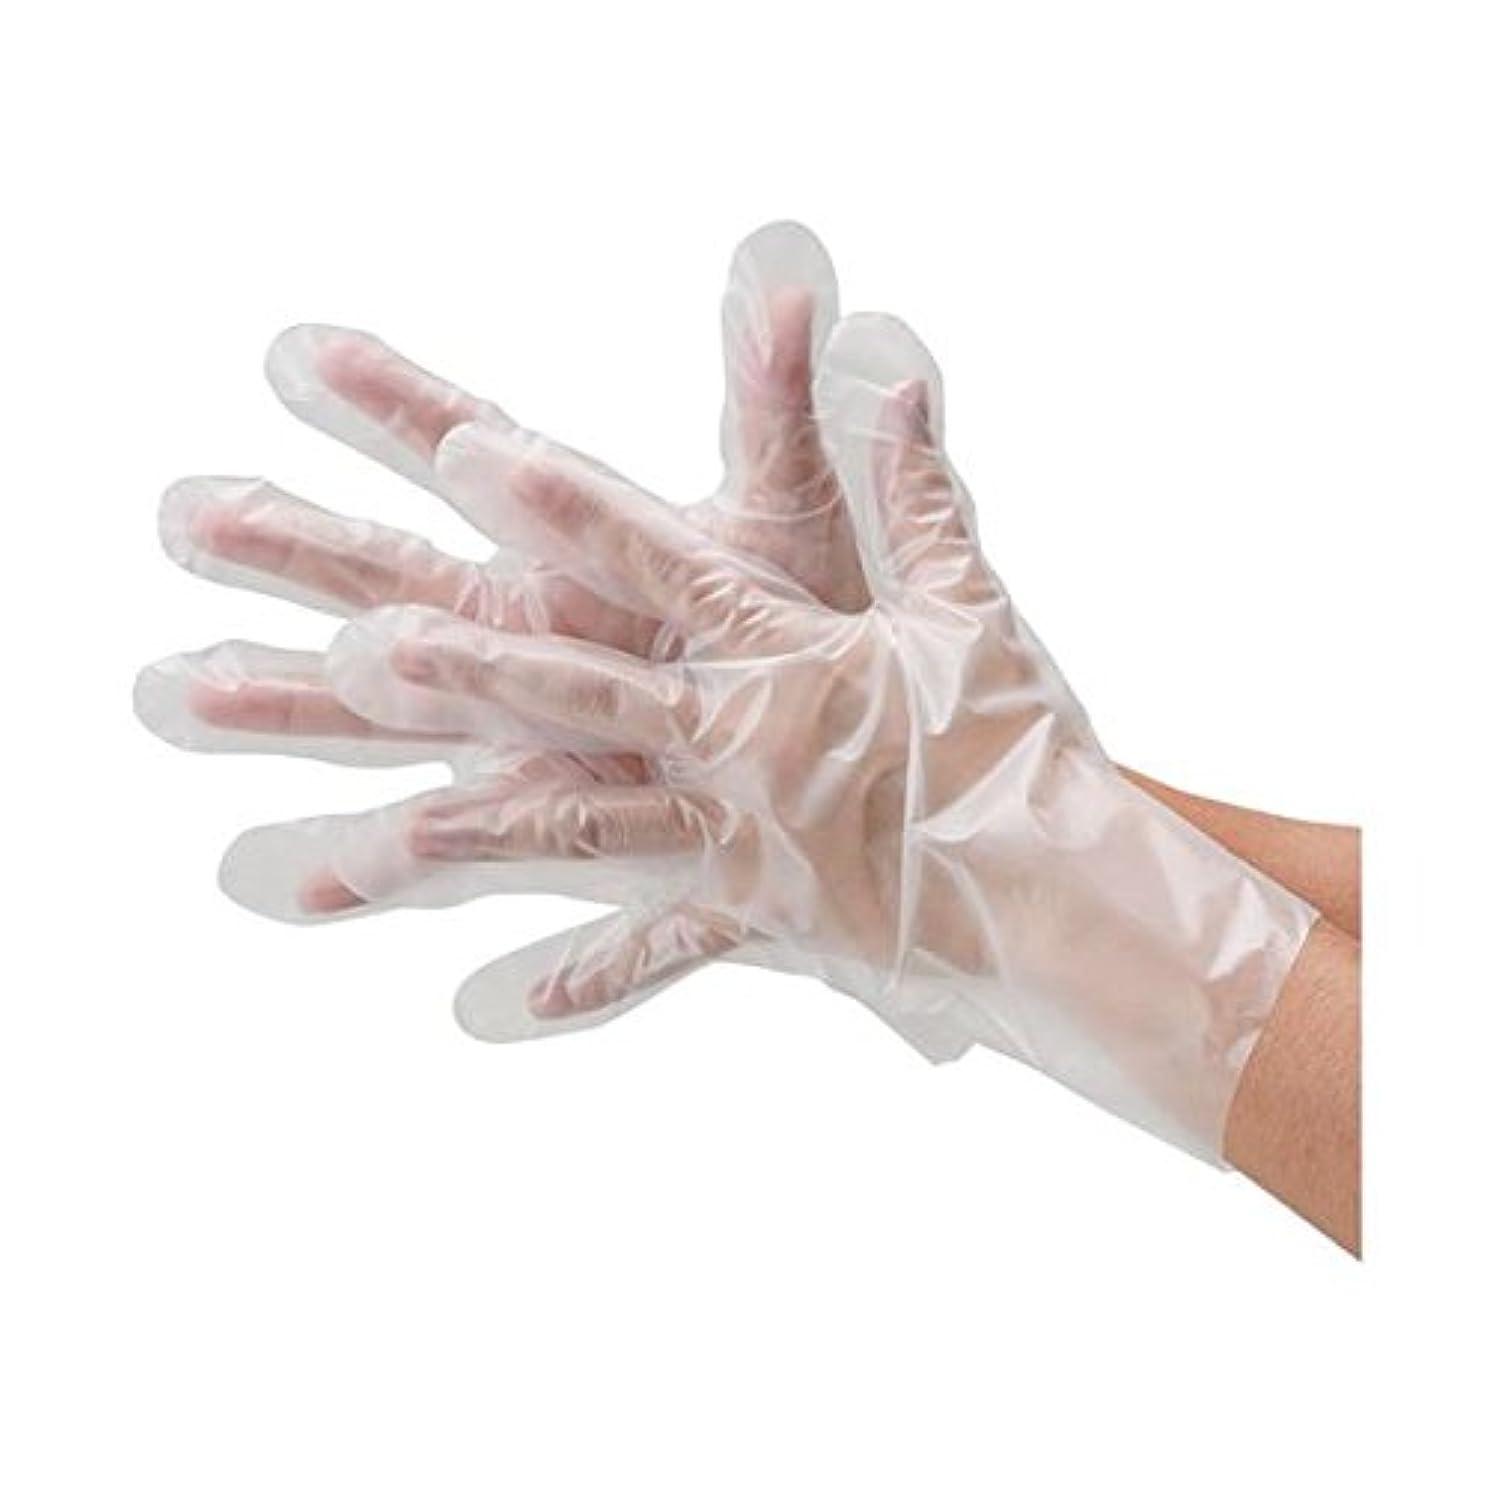 (業務用30セット) 川西工業 ポリエチレン手袋 外エンボス 袋タイプM ダイエット 健康 衛生用品 その他の衛生用品 14067381 [並行輸入品]